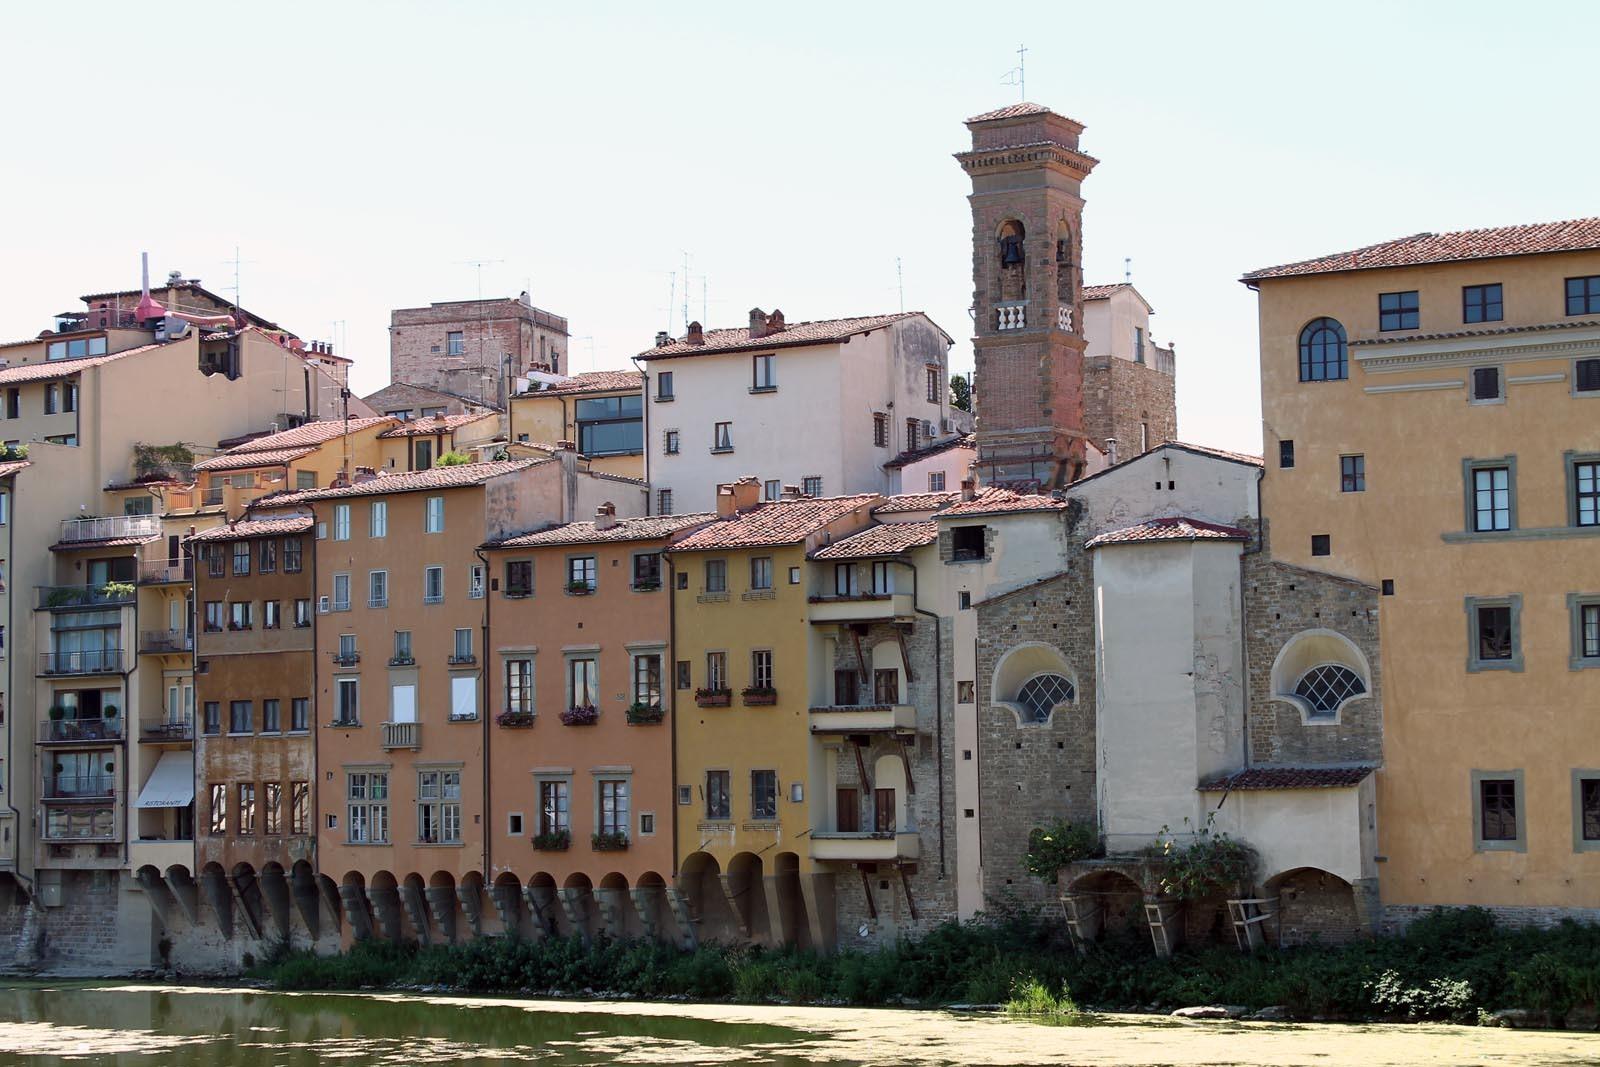 Cladiri de pe malul raului Arno